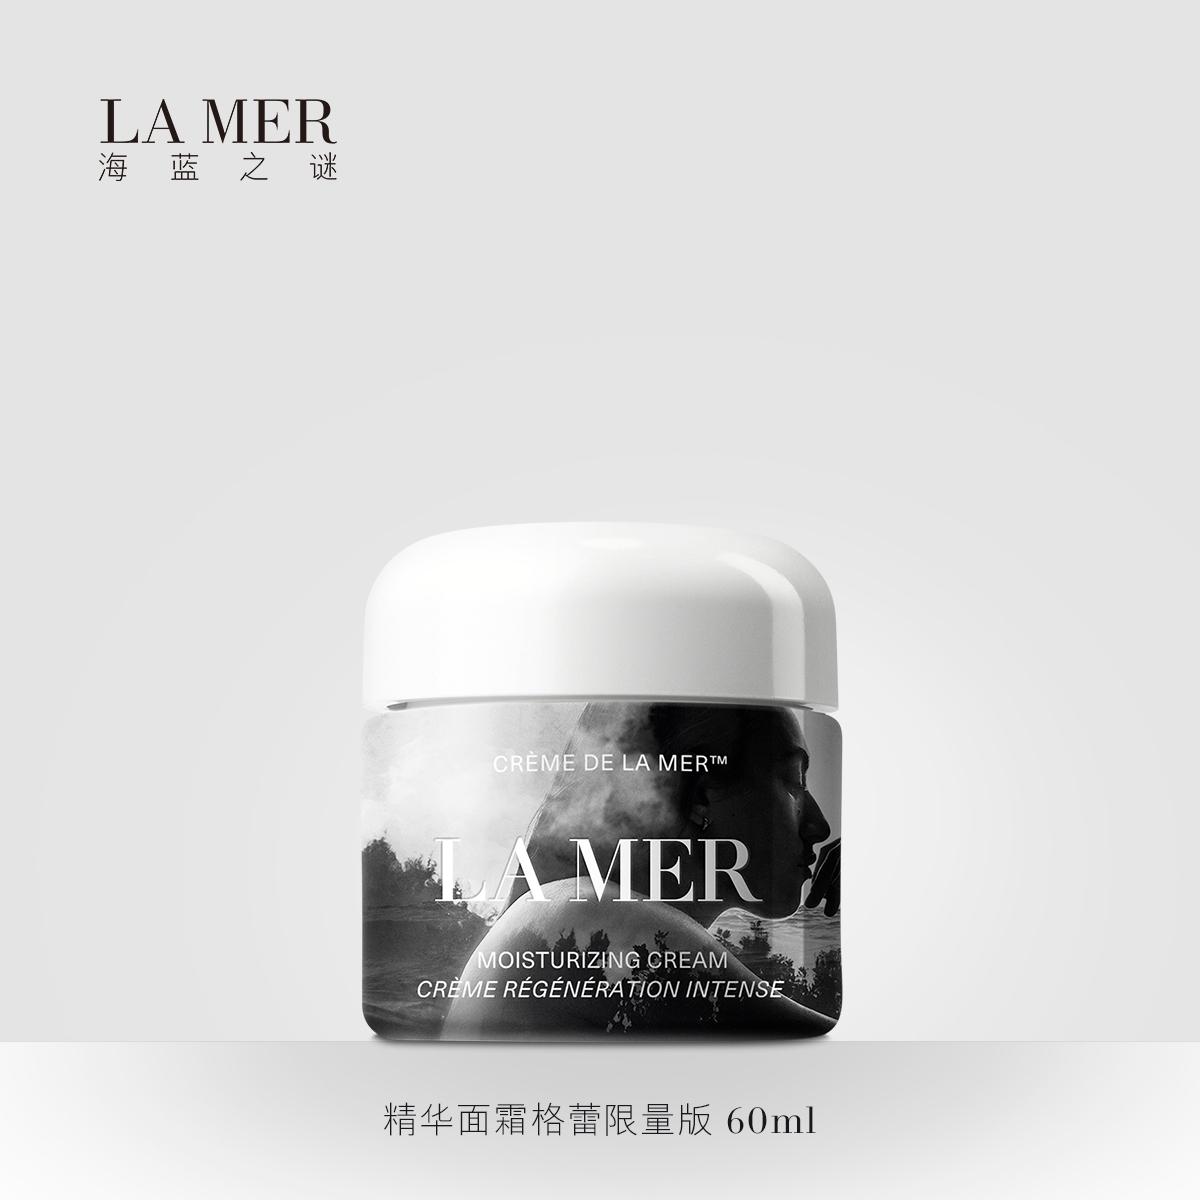 LA MER海蓝之谜精华面霜 格蕾面霜 索伦蒂限量版 60ml